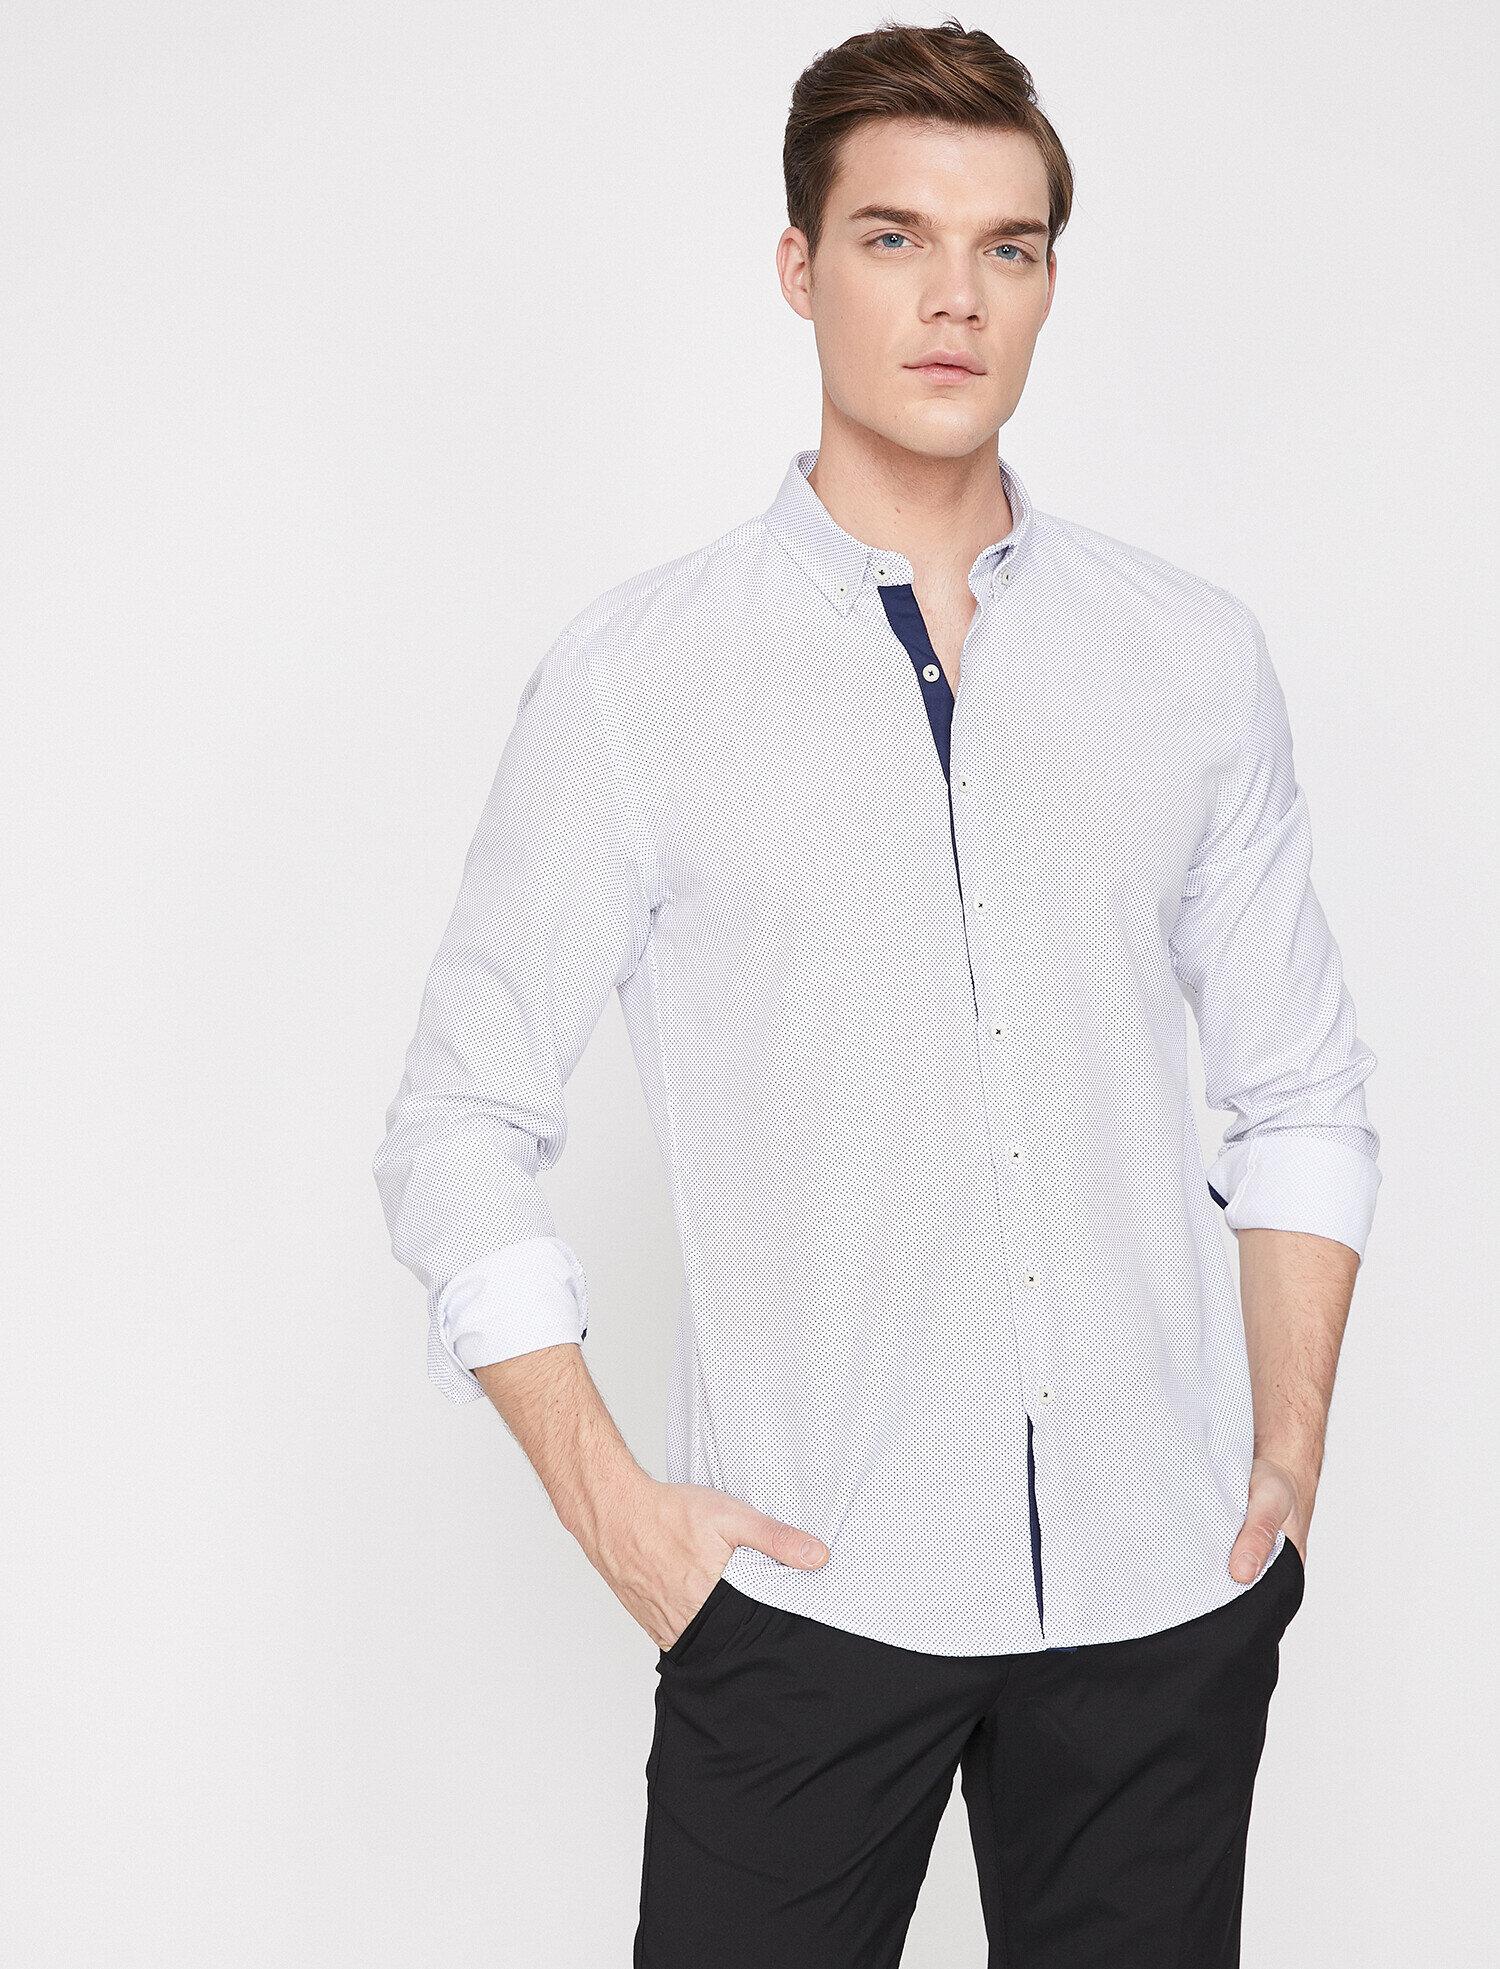 Koton Erkek Desenli Gömlek Beyaz Ürün Resmi